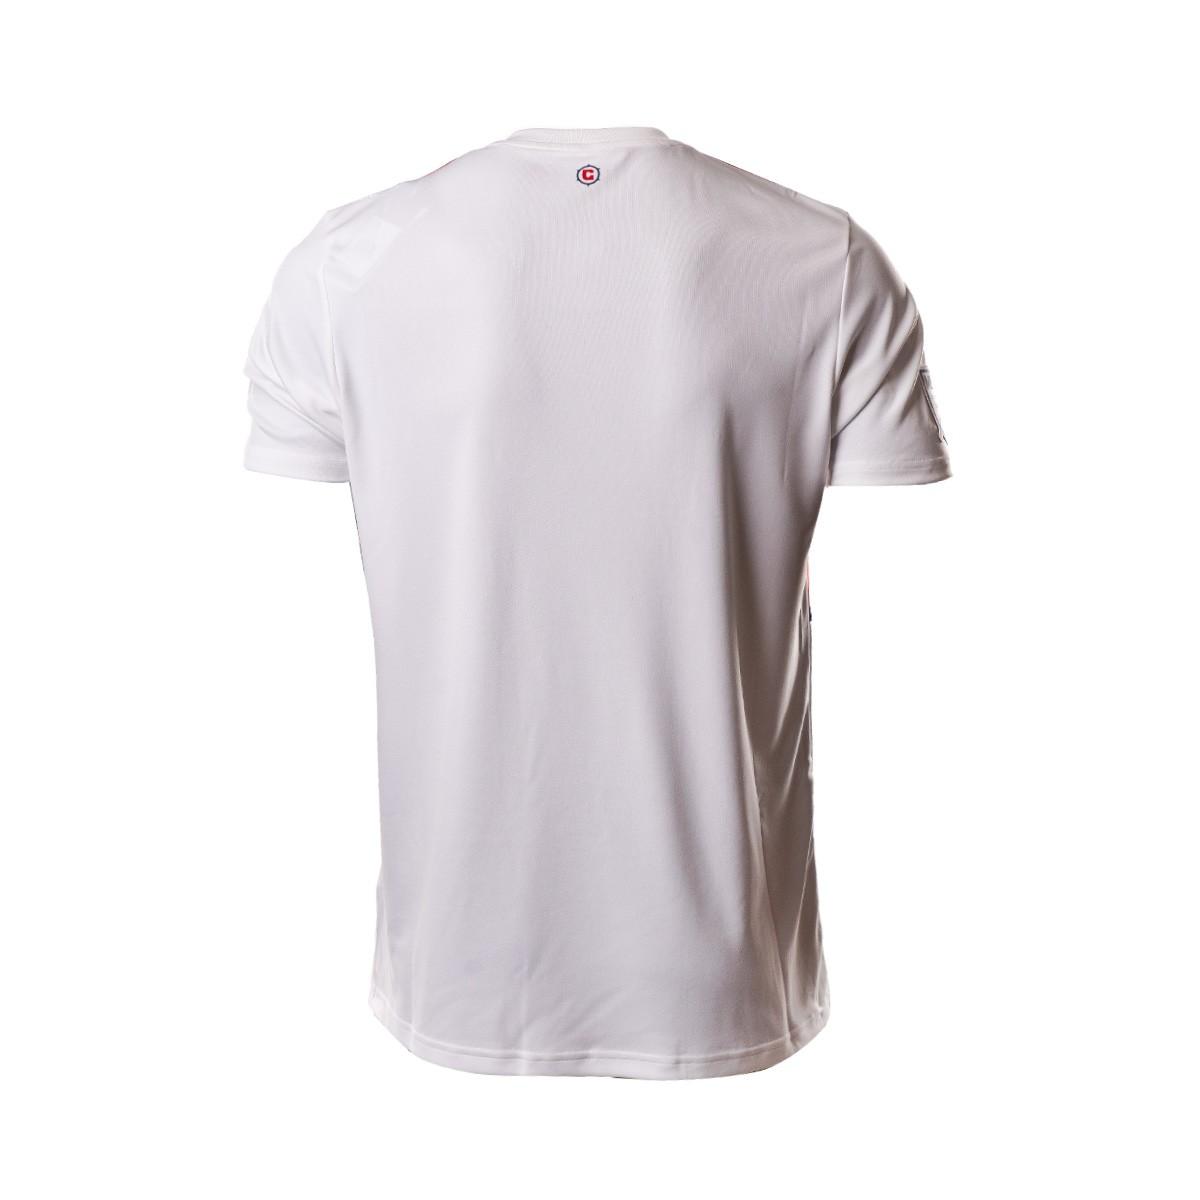 Camiseta Chicago Fire Segunda Equipación 2018 2019 White